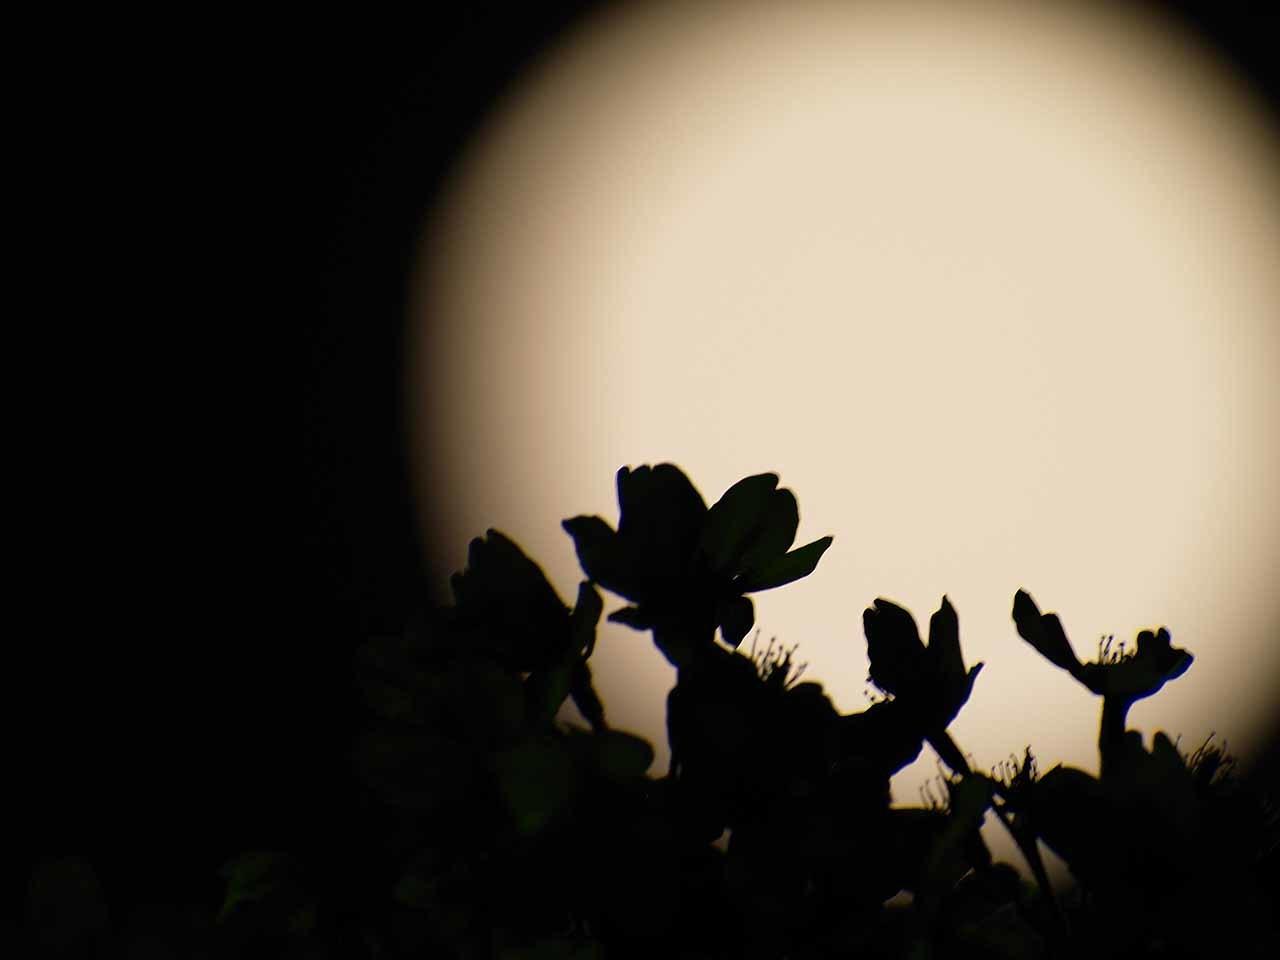 夜桜とブルームーン・・・なんだけど_b0021375_21334680.jpg